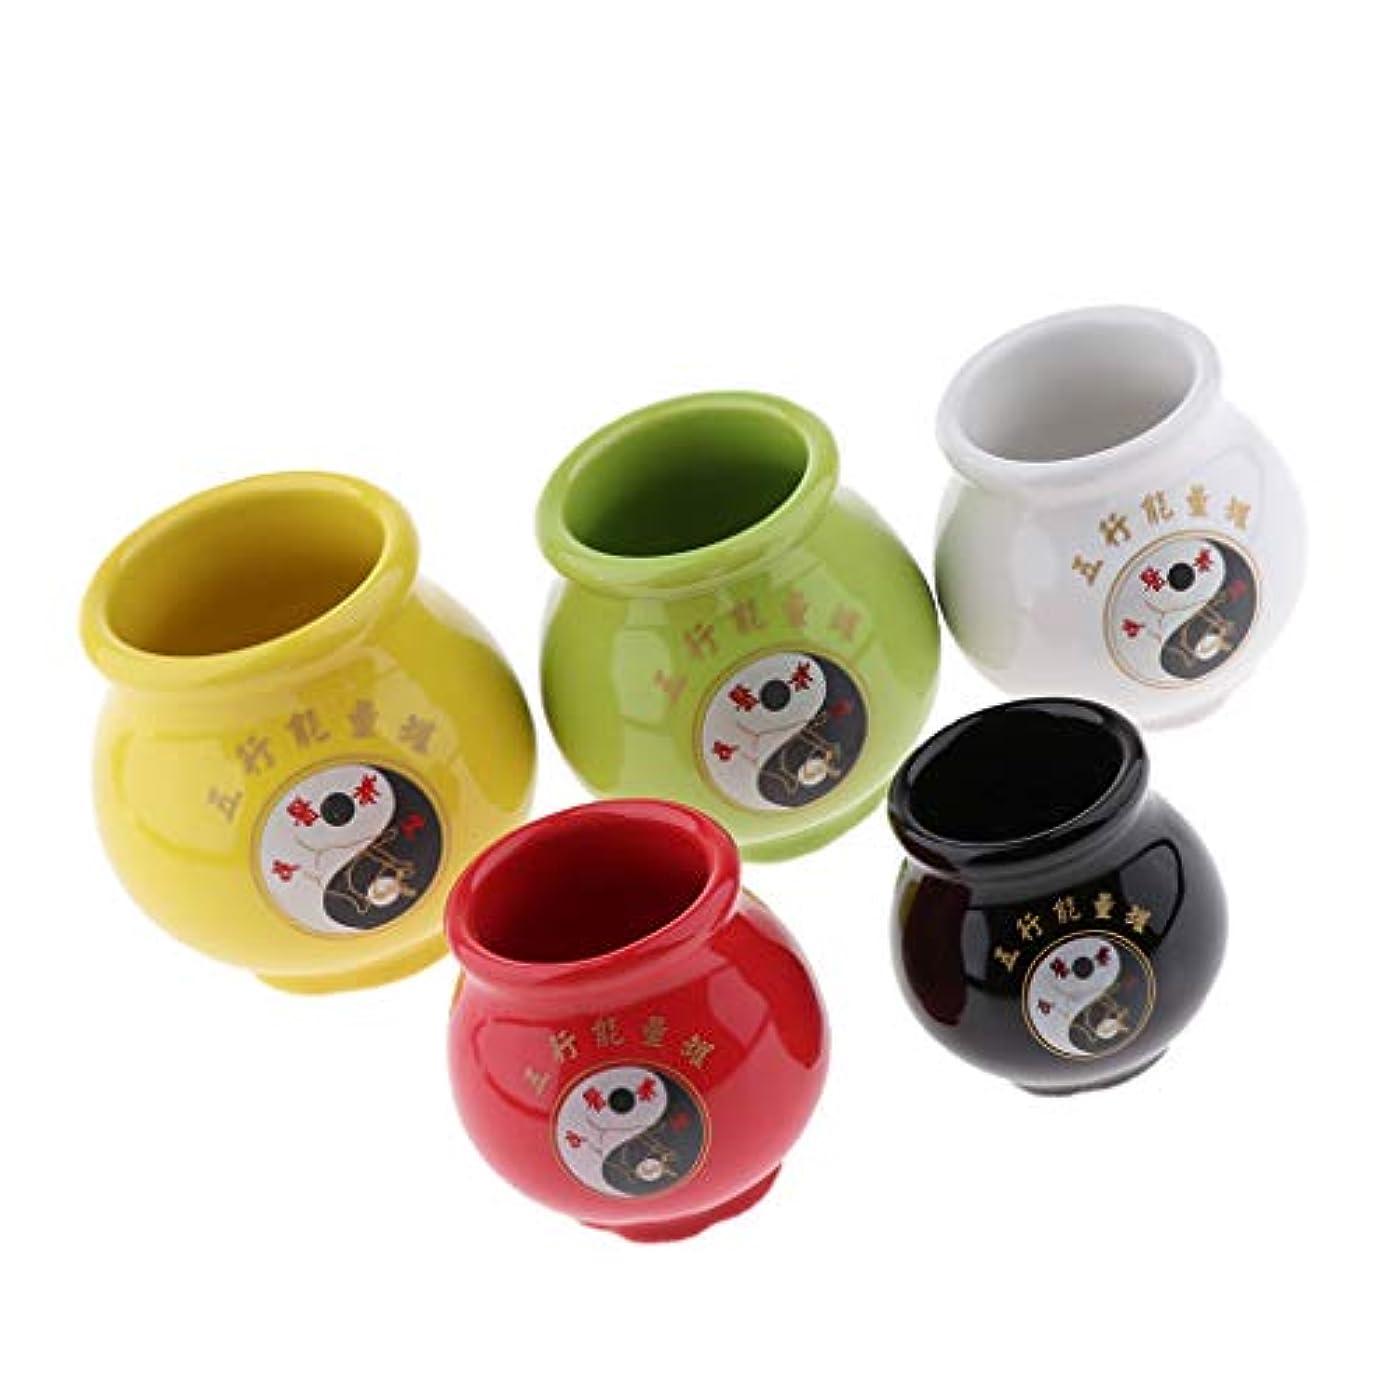 絶望ロケーション高齢者5個 吸い玉カップ カッピングカップ セラミック製カッピング 真空 健康ケア 男女兼用 実用的